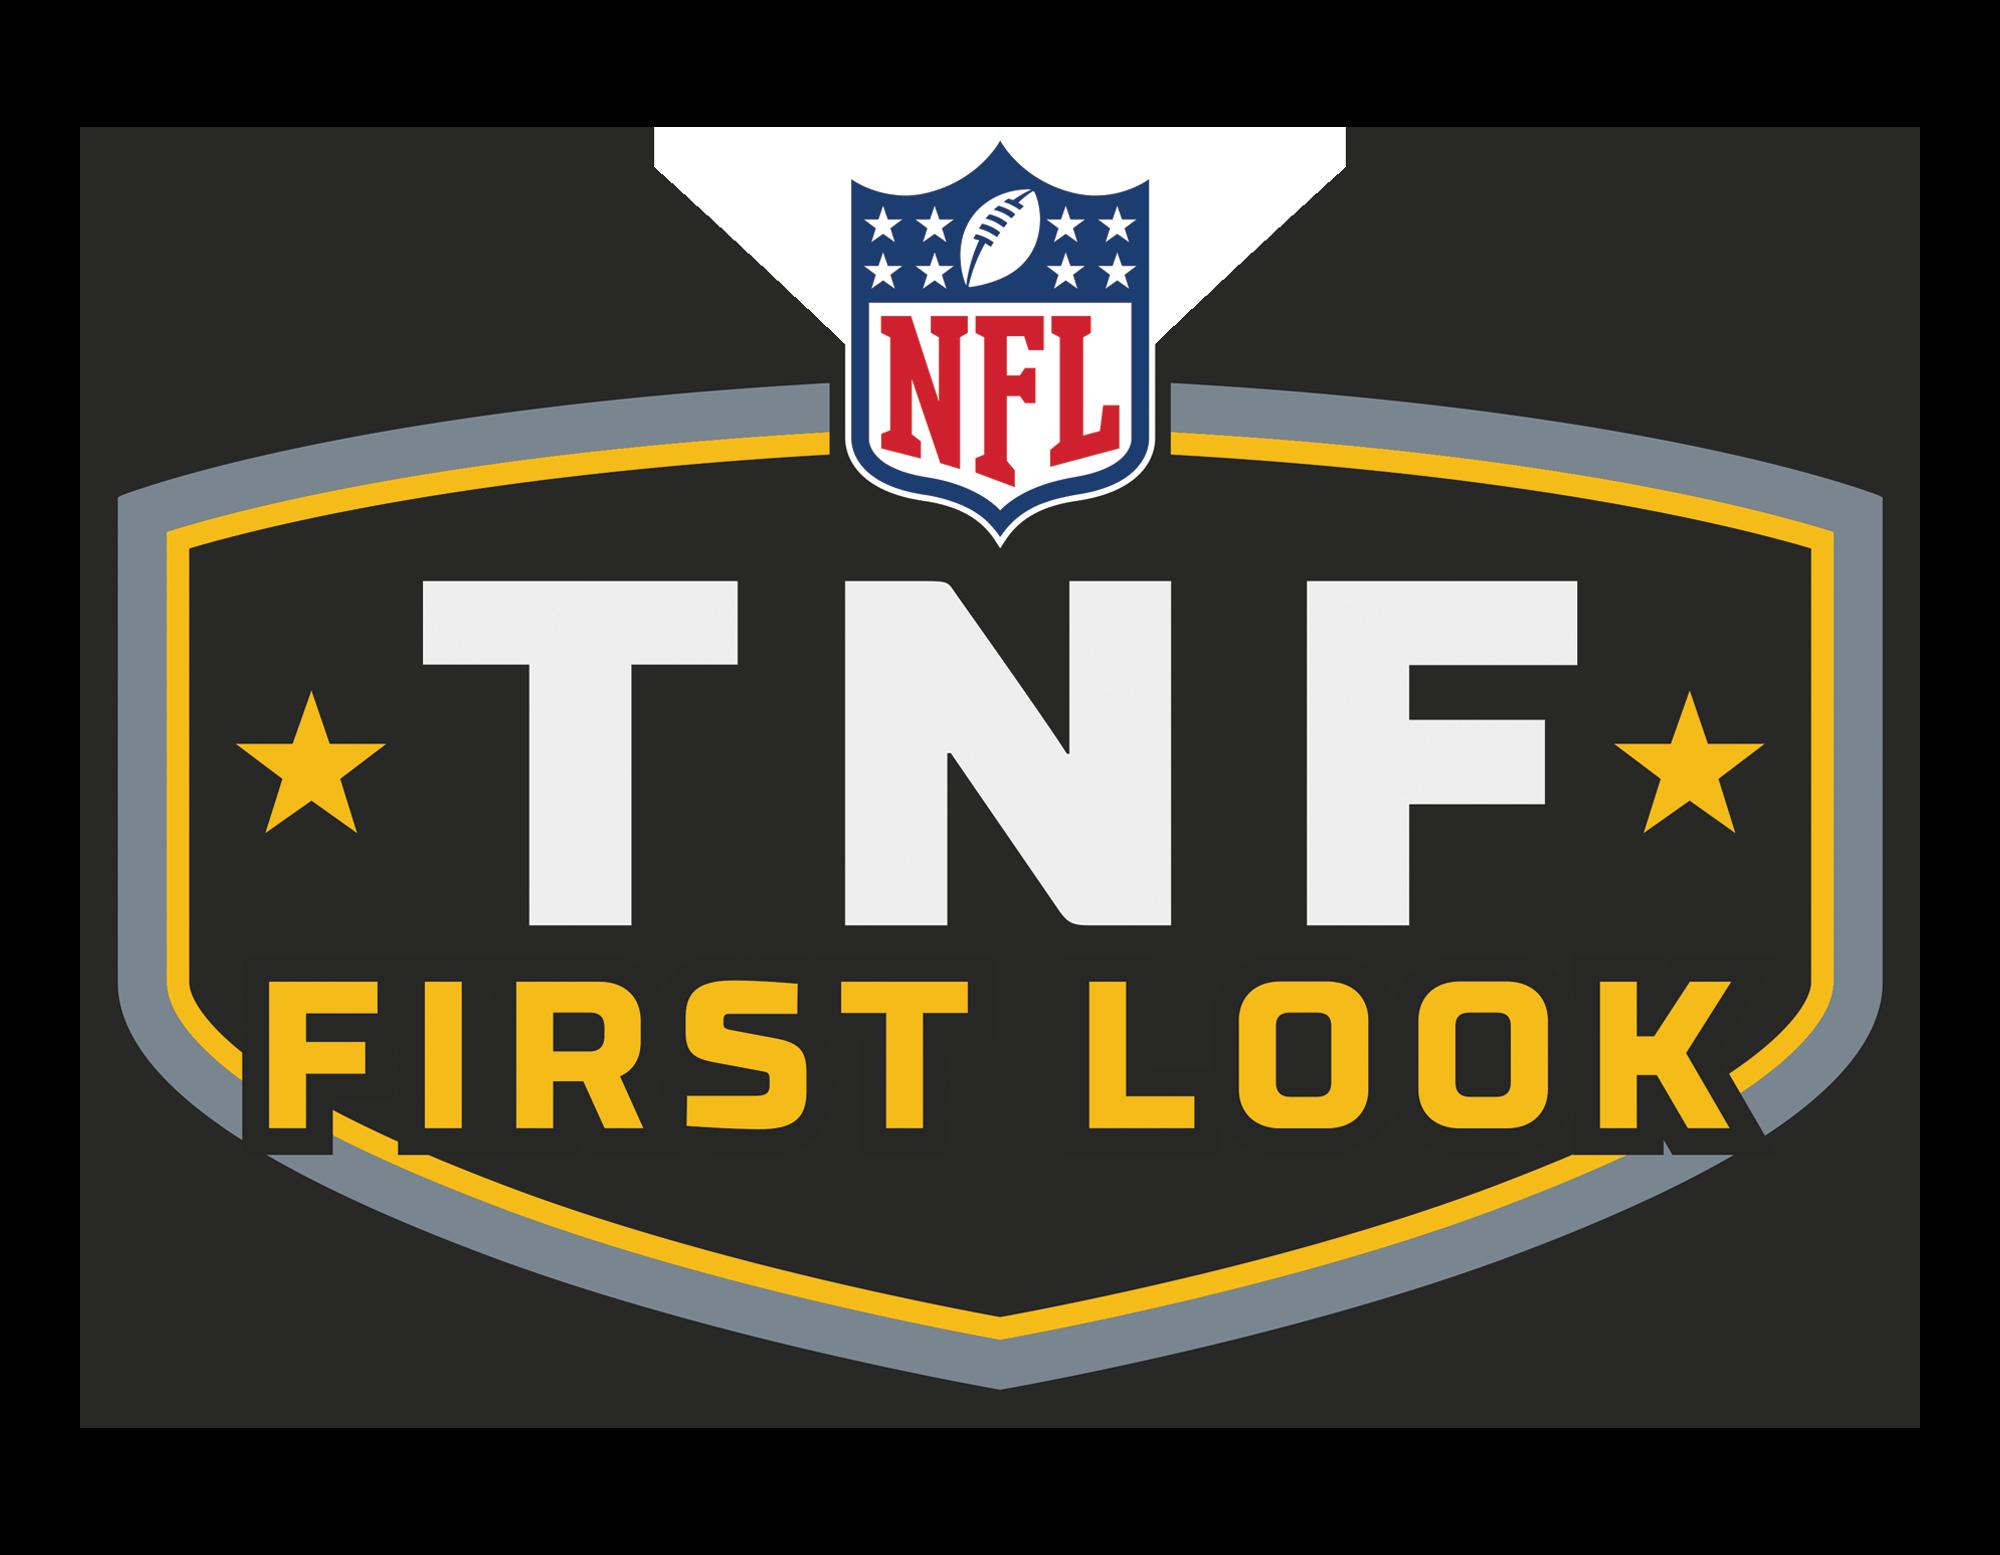 TNF FIRST LOOK | THURSDAYS 3PM ET